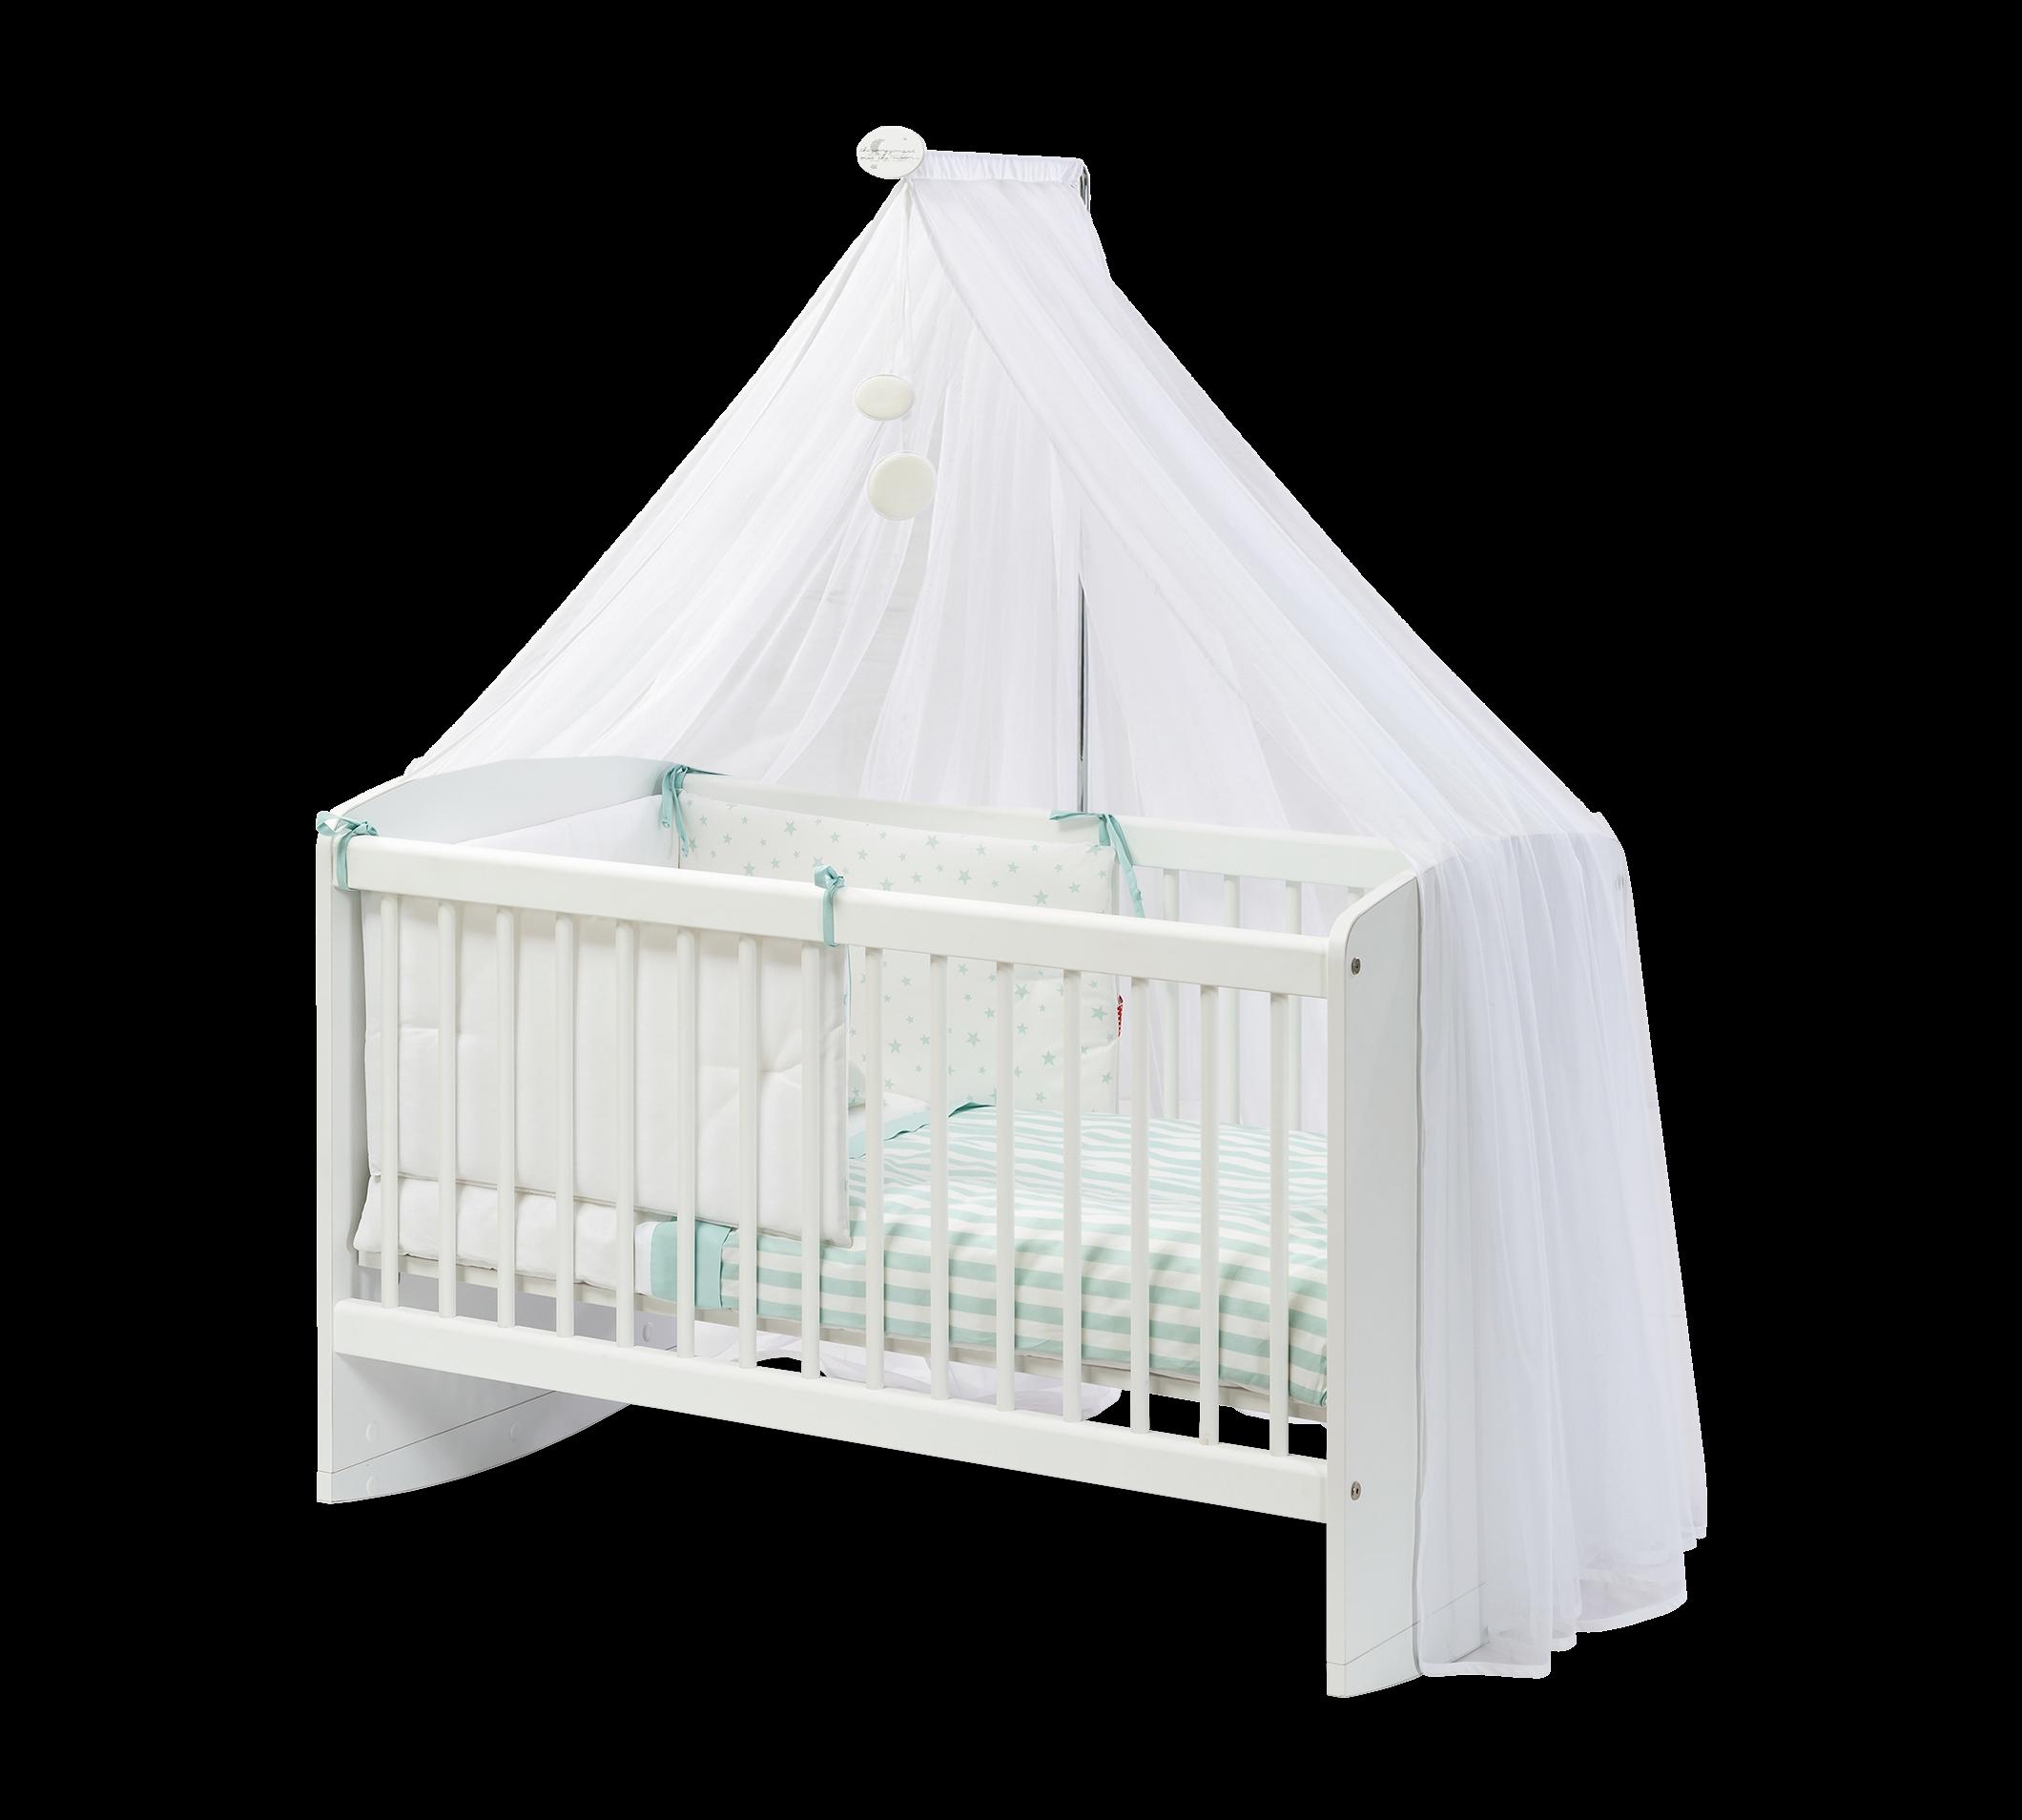 Patut din pal cu sistem de leganare, pentru bebe Cradle Baby Alb, 100 x 50 cm poza